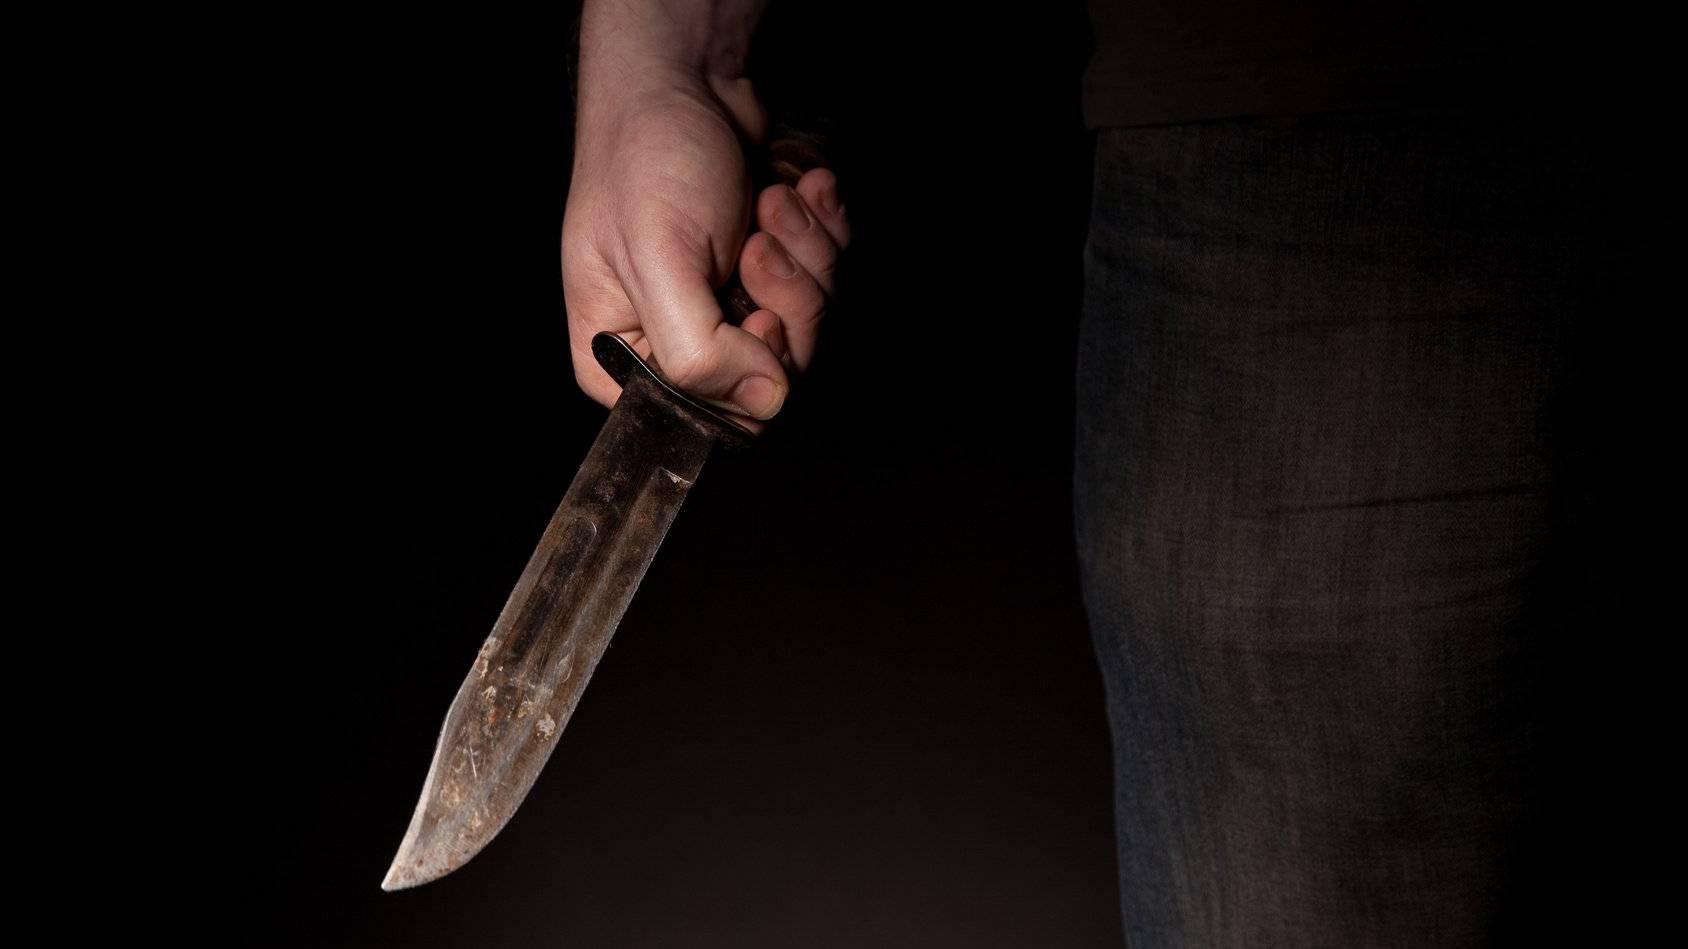 Am 11. März wurde in Konstanz ein 19-jähriger Schweizer mit einem Messer attackiert. Er überlebte den Angriff nicht.  (Symbolbild)